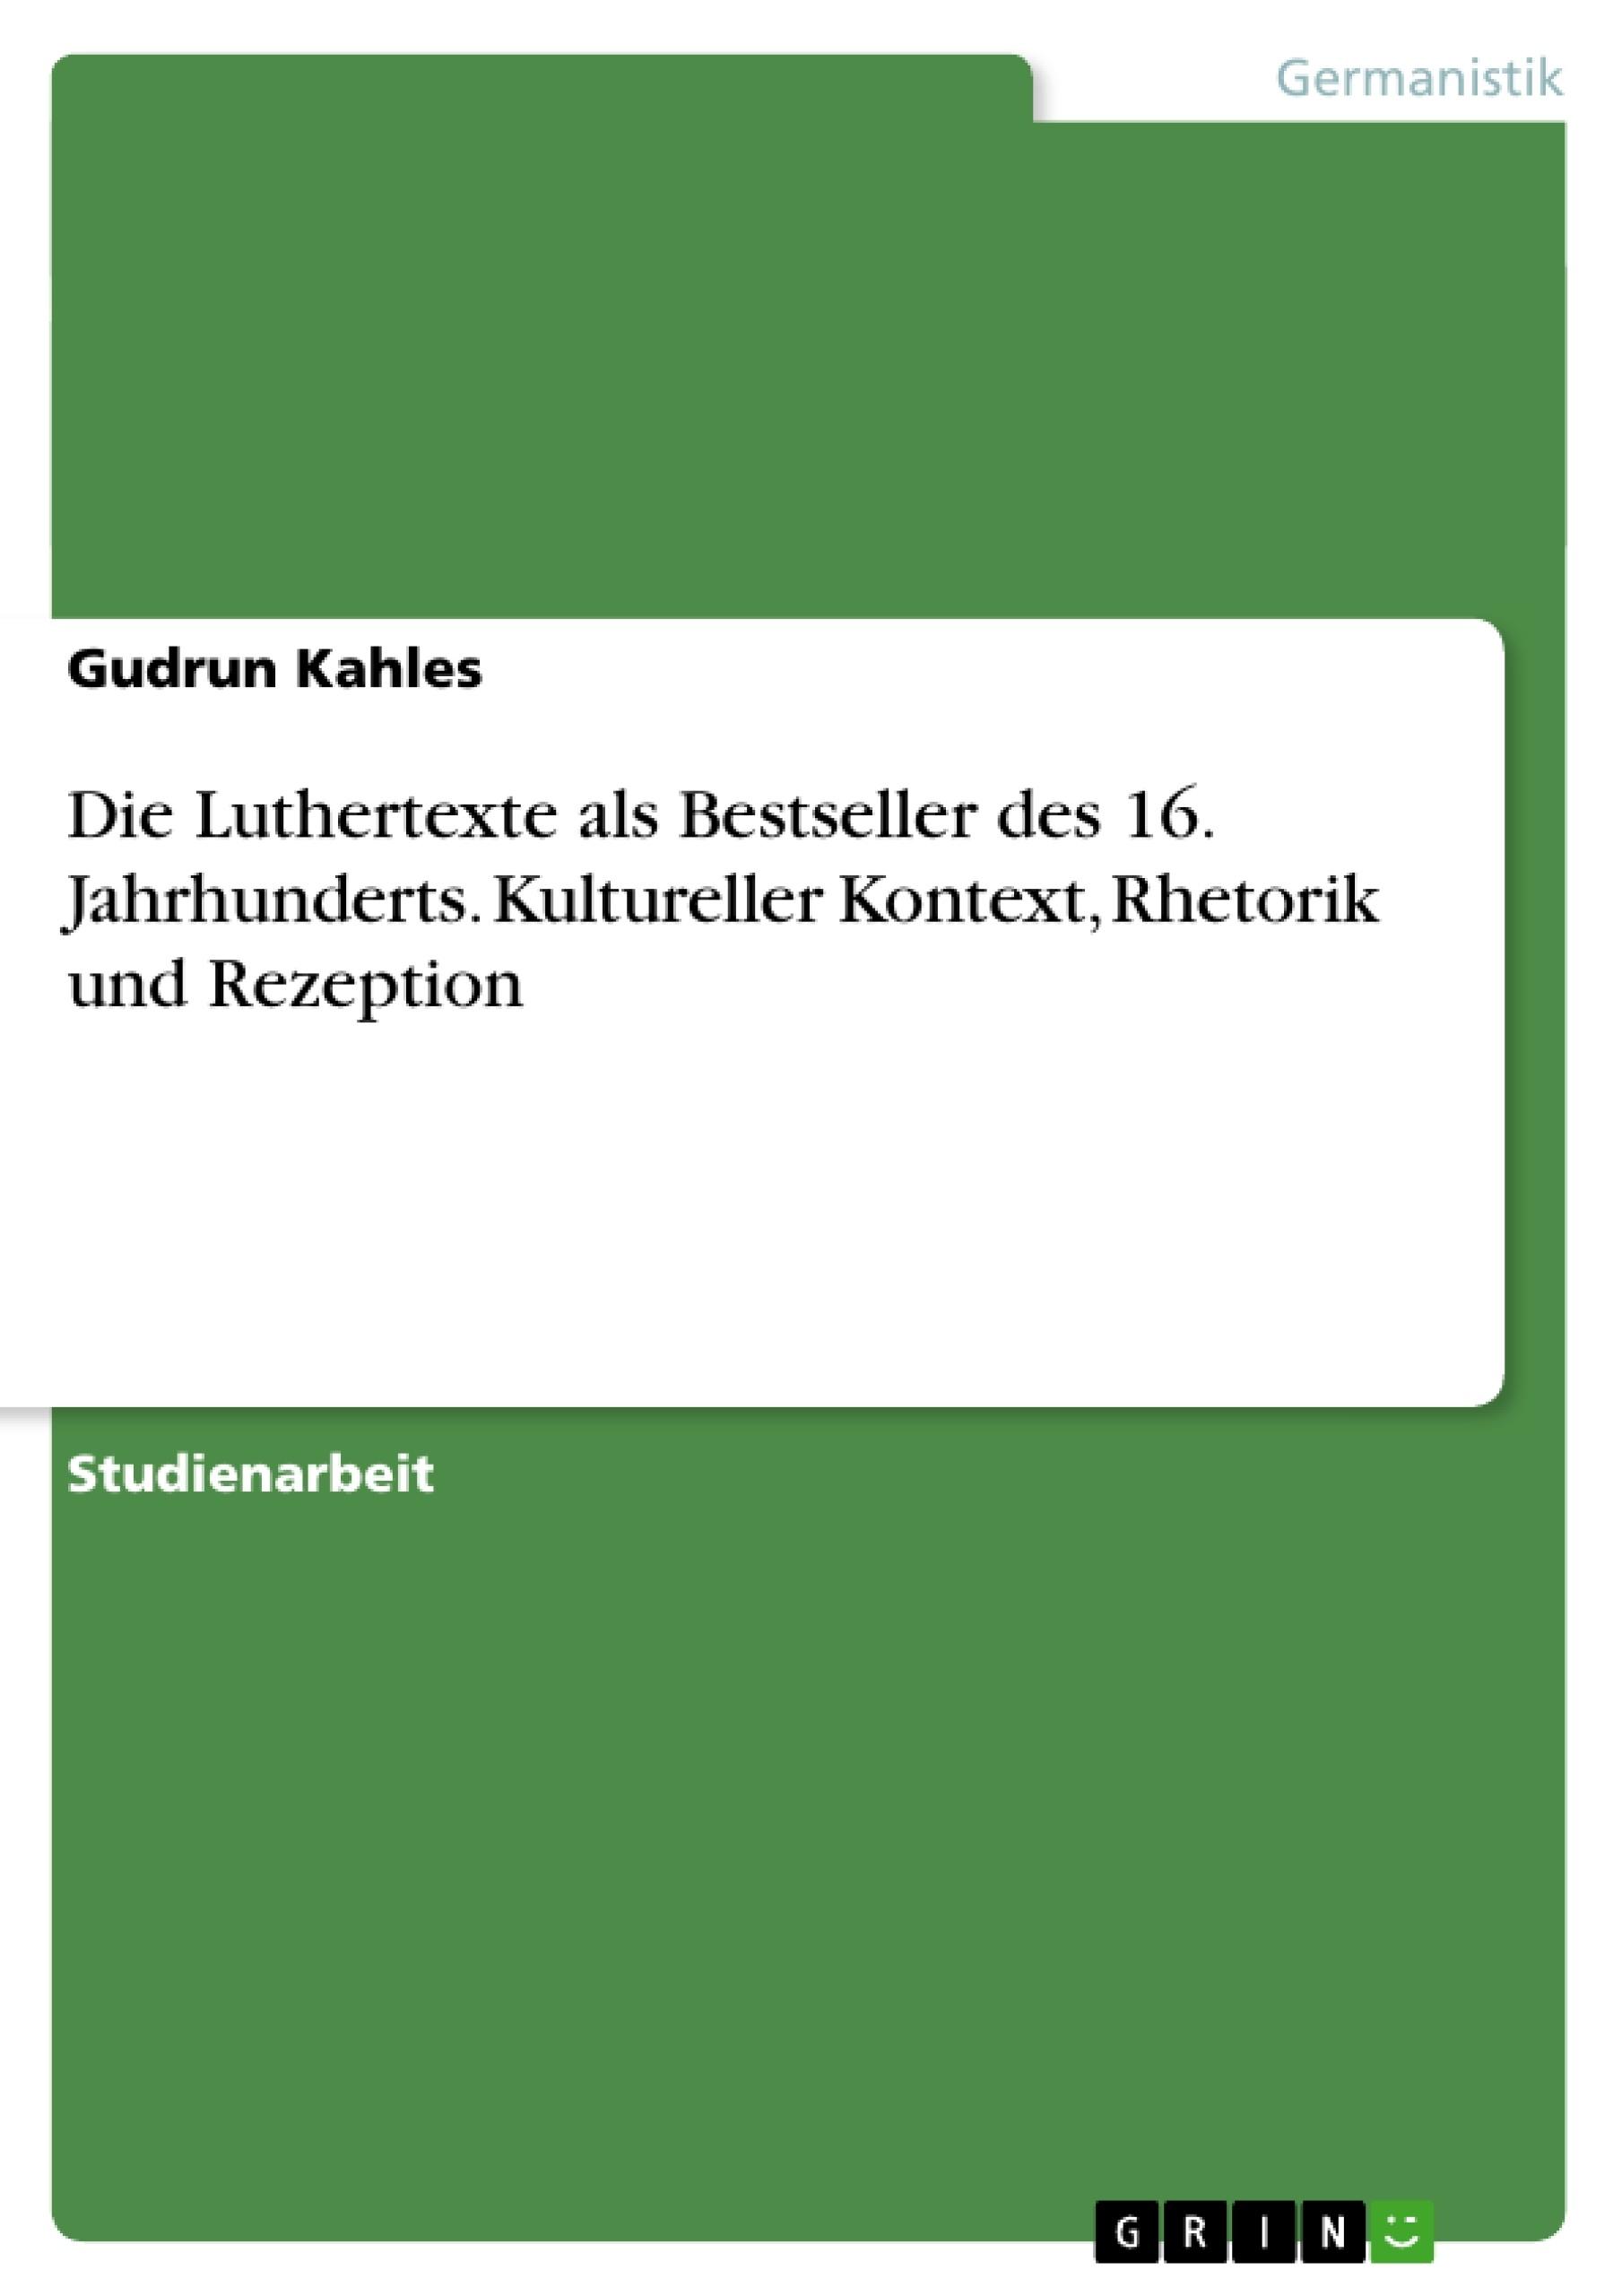 Titel: Die Luthertexte als Bestseller des 16. Jahrhunderts. Kultureller Kontext, Rhetorik und Rezeption